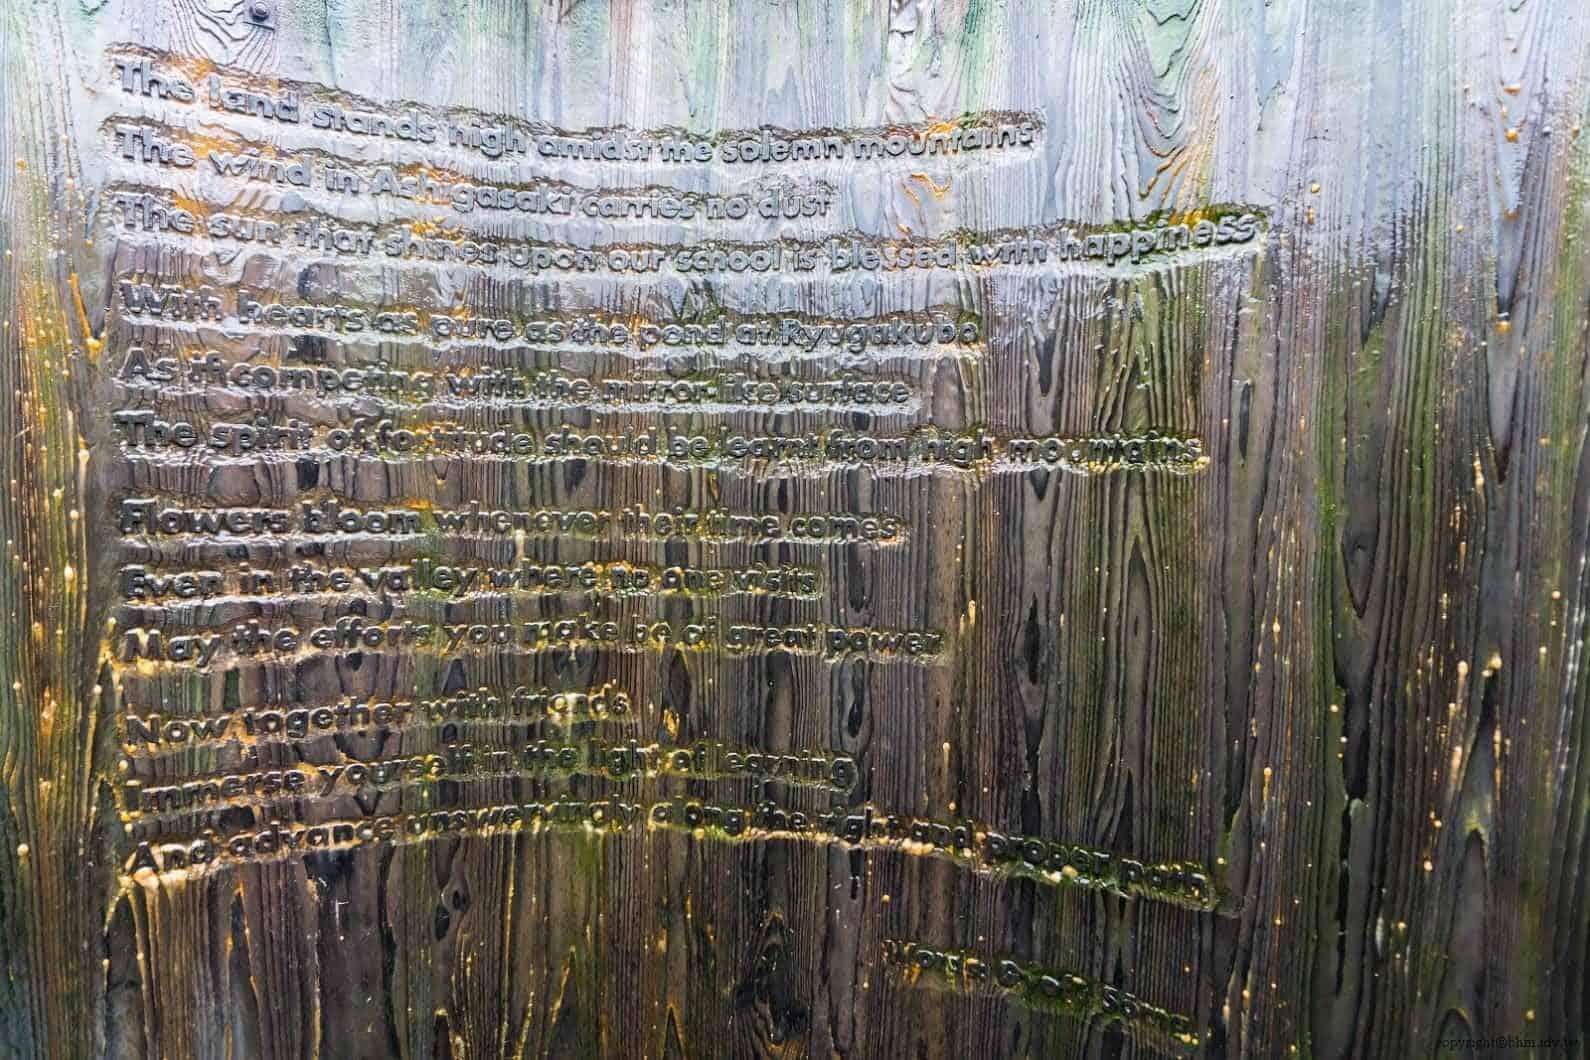 田口行弘,送水,遊客可進入其中後可看到側面有關水的語言與故事 越後妻有 送水 okurimizu 06 0x0